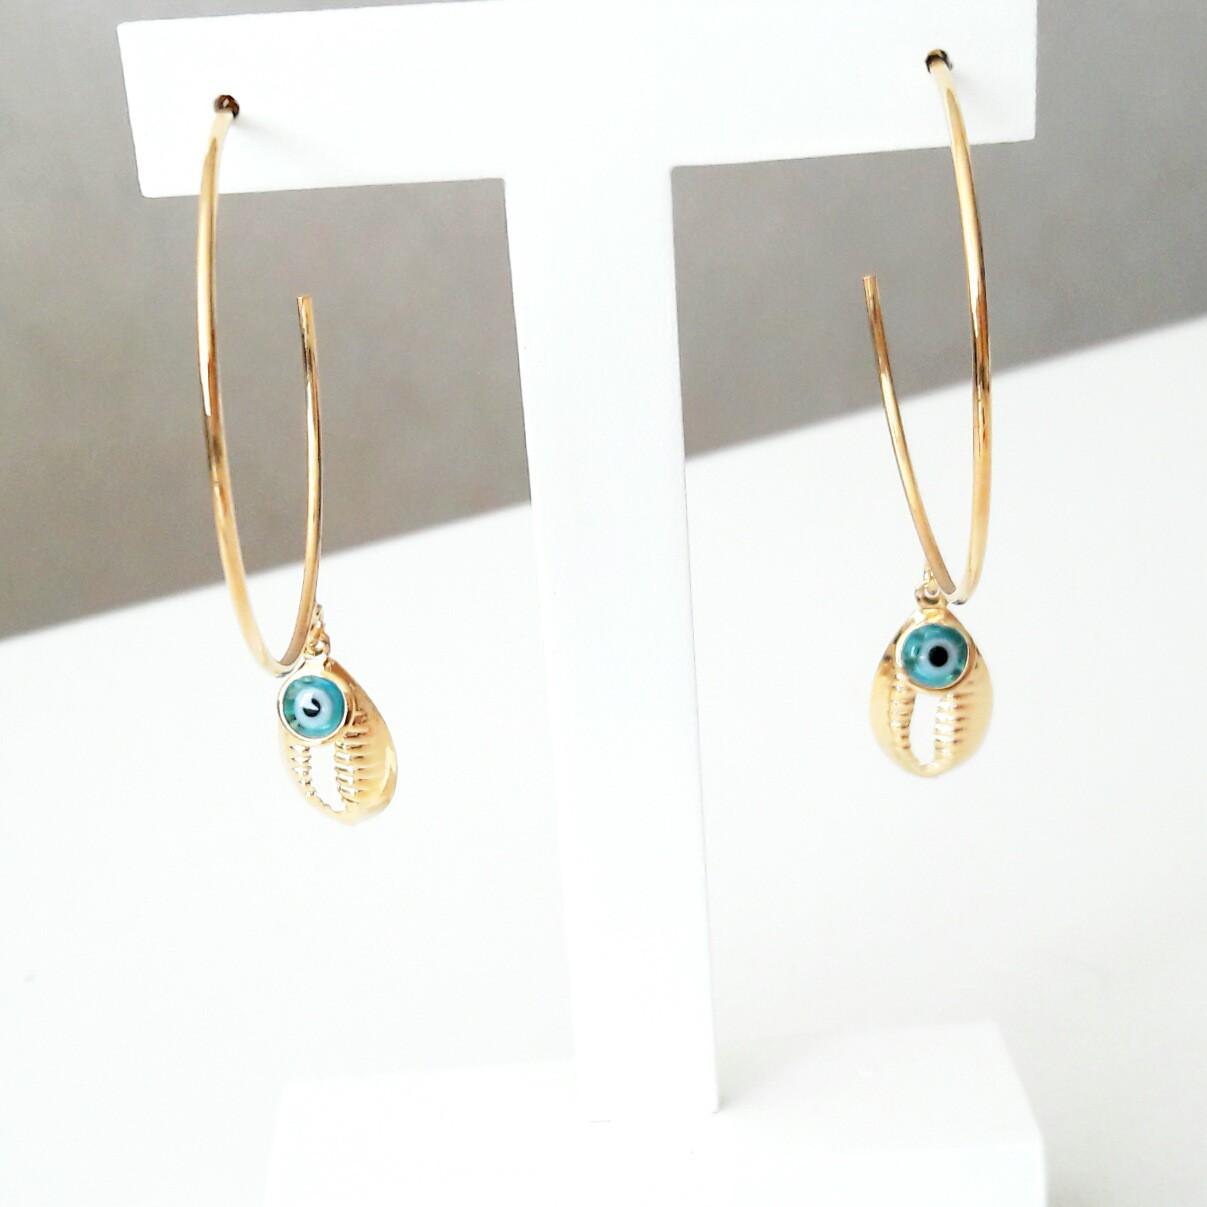 Brinco Argola Olho Grego Azul com Búzio em Ouro 18K  - Soloyou